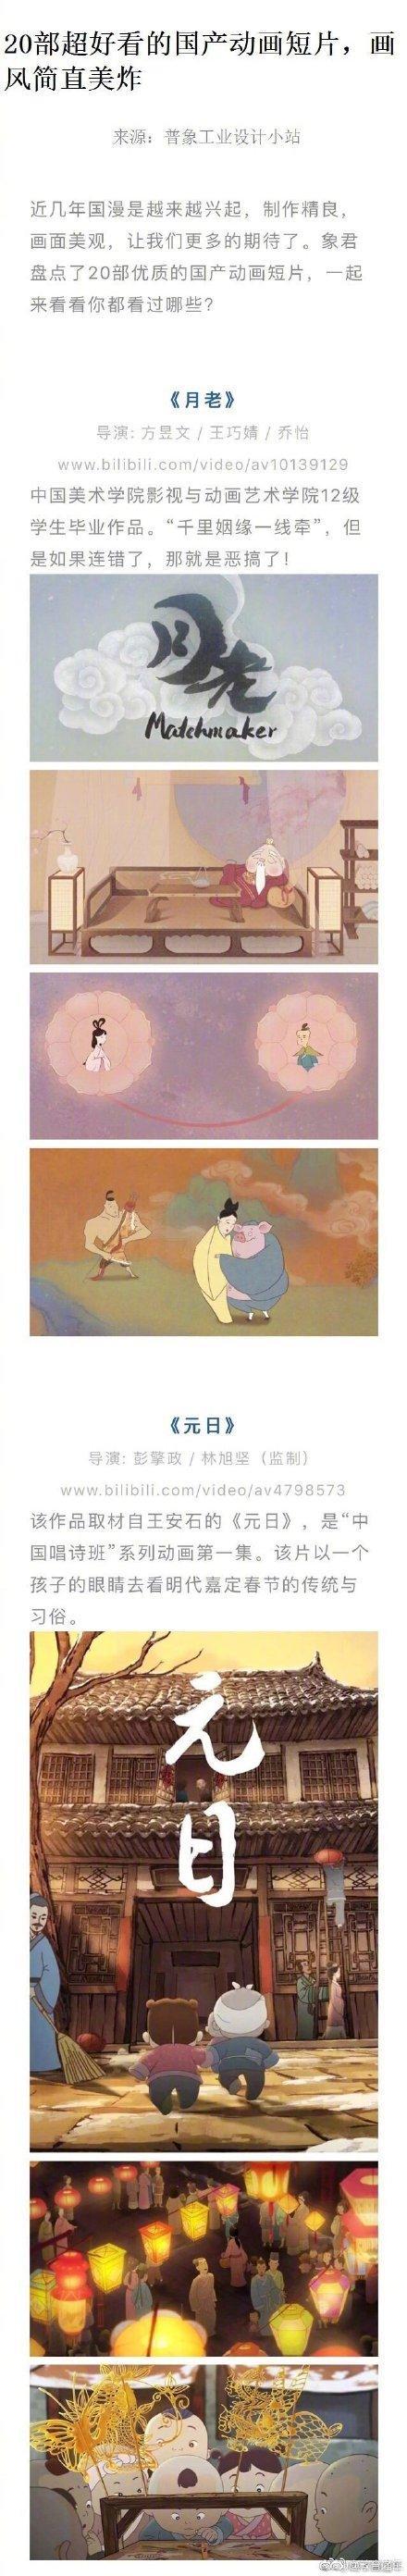 中文动画片,20部超好看的国产动画短片,让你感受国产动画的魅力!